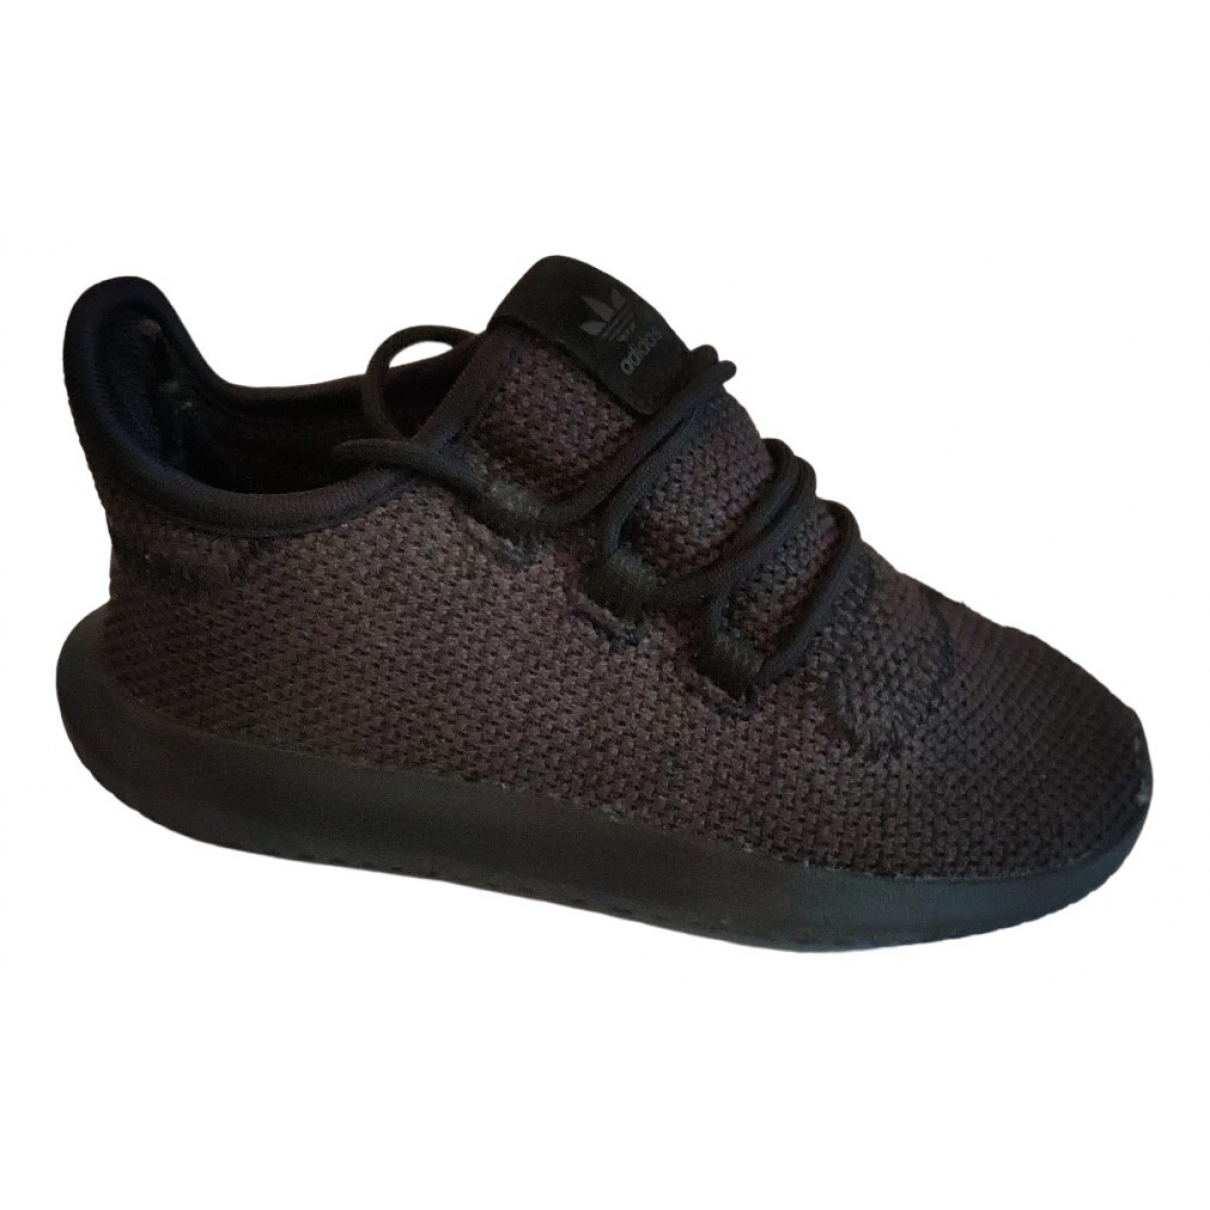 Adidas - Baskets Ultraboost pour enfant en toile - noir